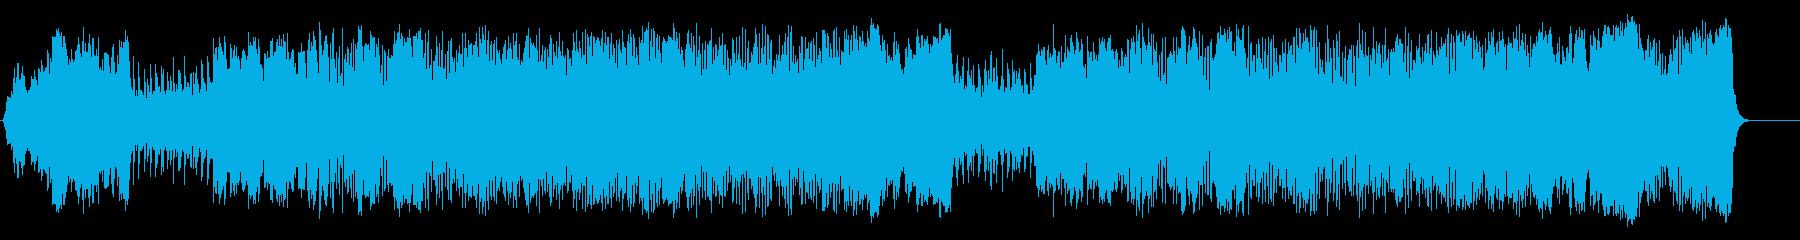 開拓時代の壮大な映画音楽/オーケストラの再生済みの波形